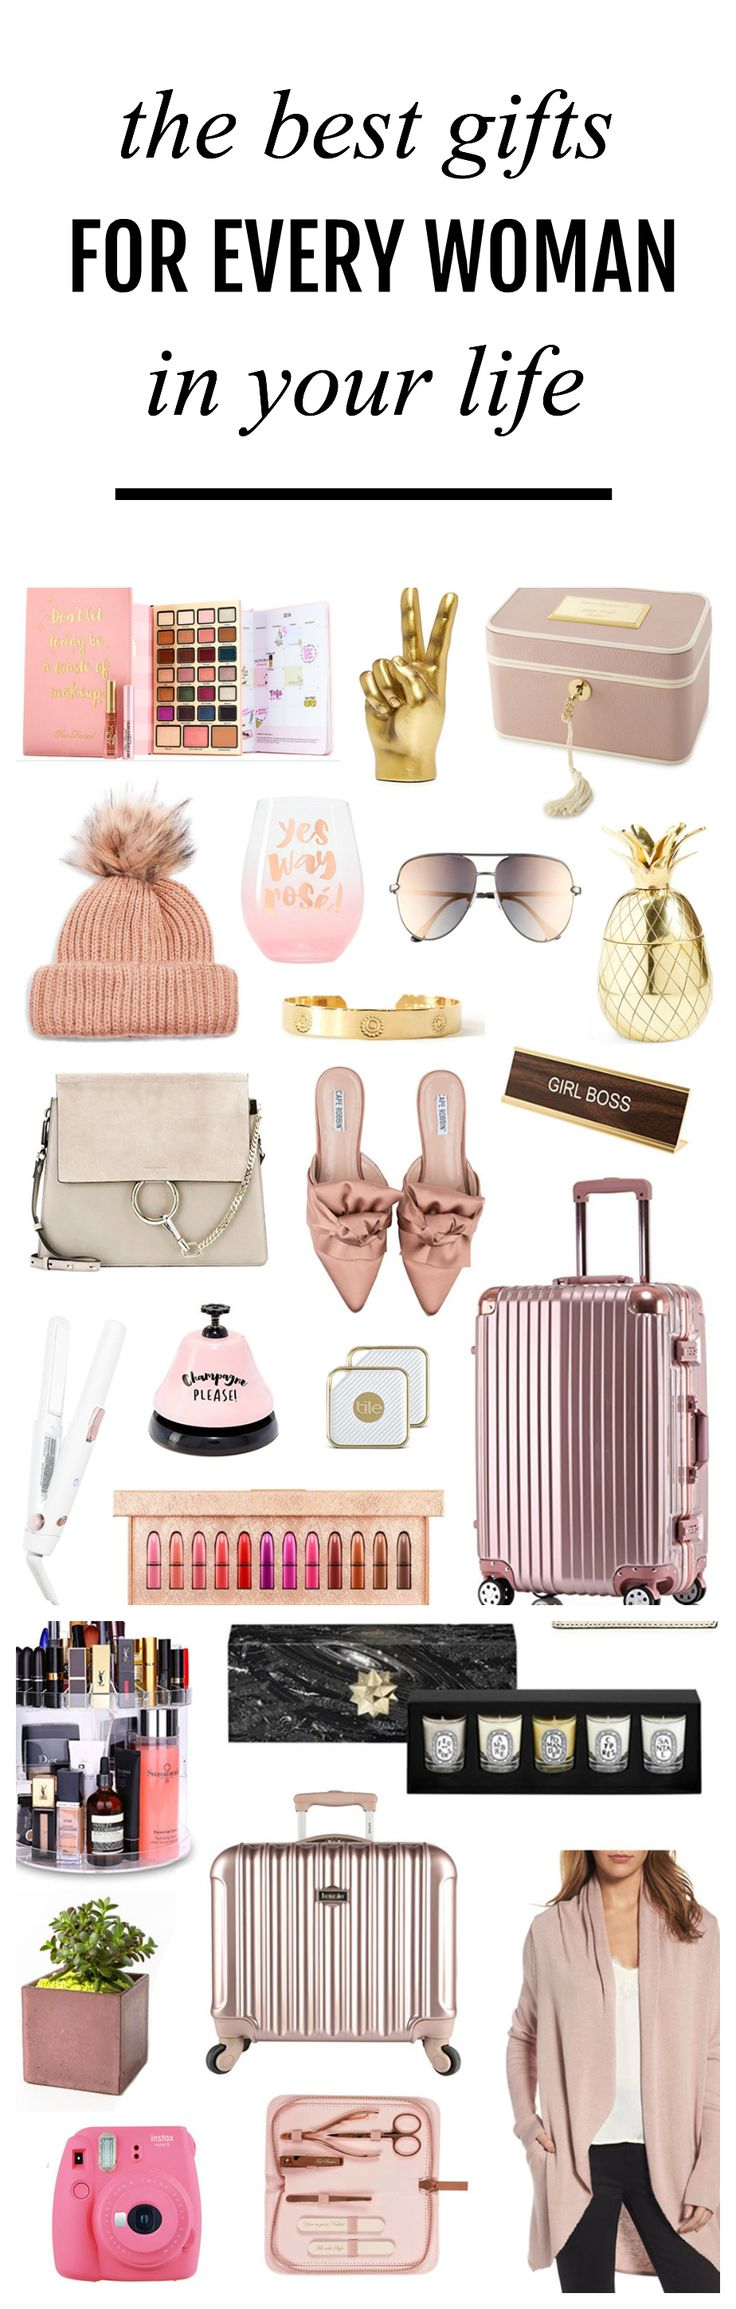 229 best Gift Ideas for Women images on Pinterest | Christmas gift ...